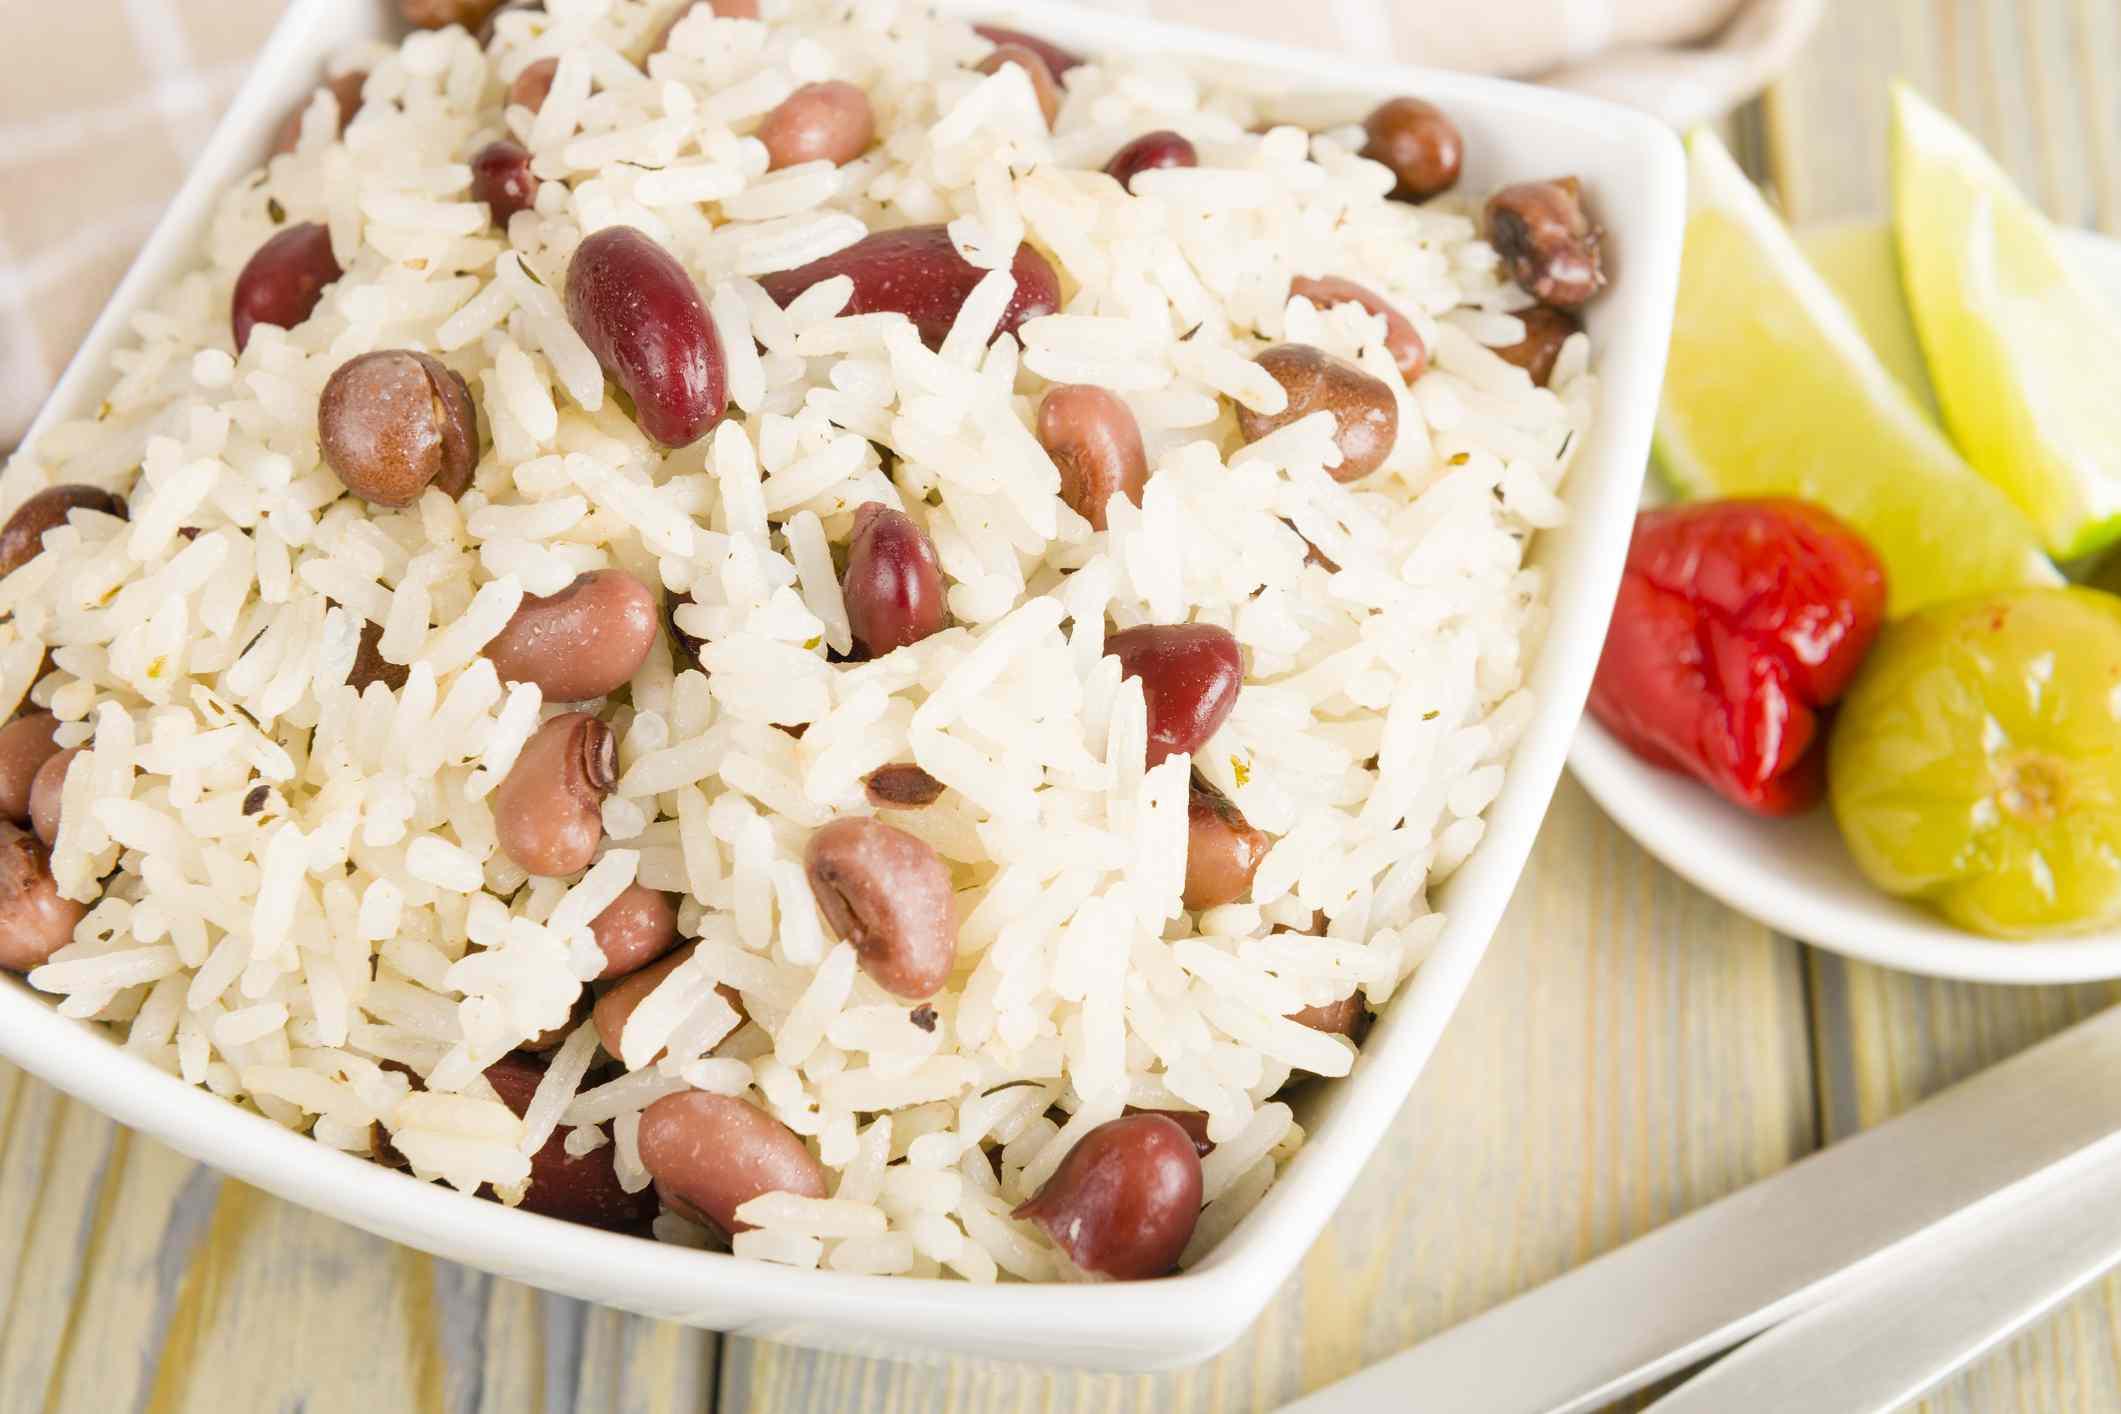 arroz y guisantes